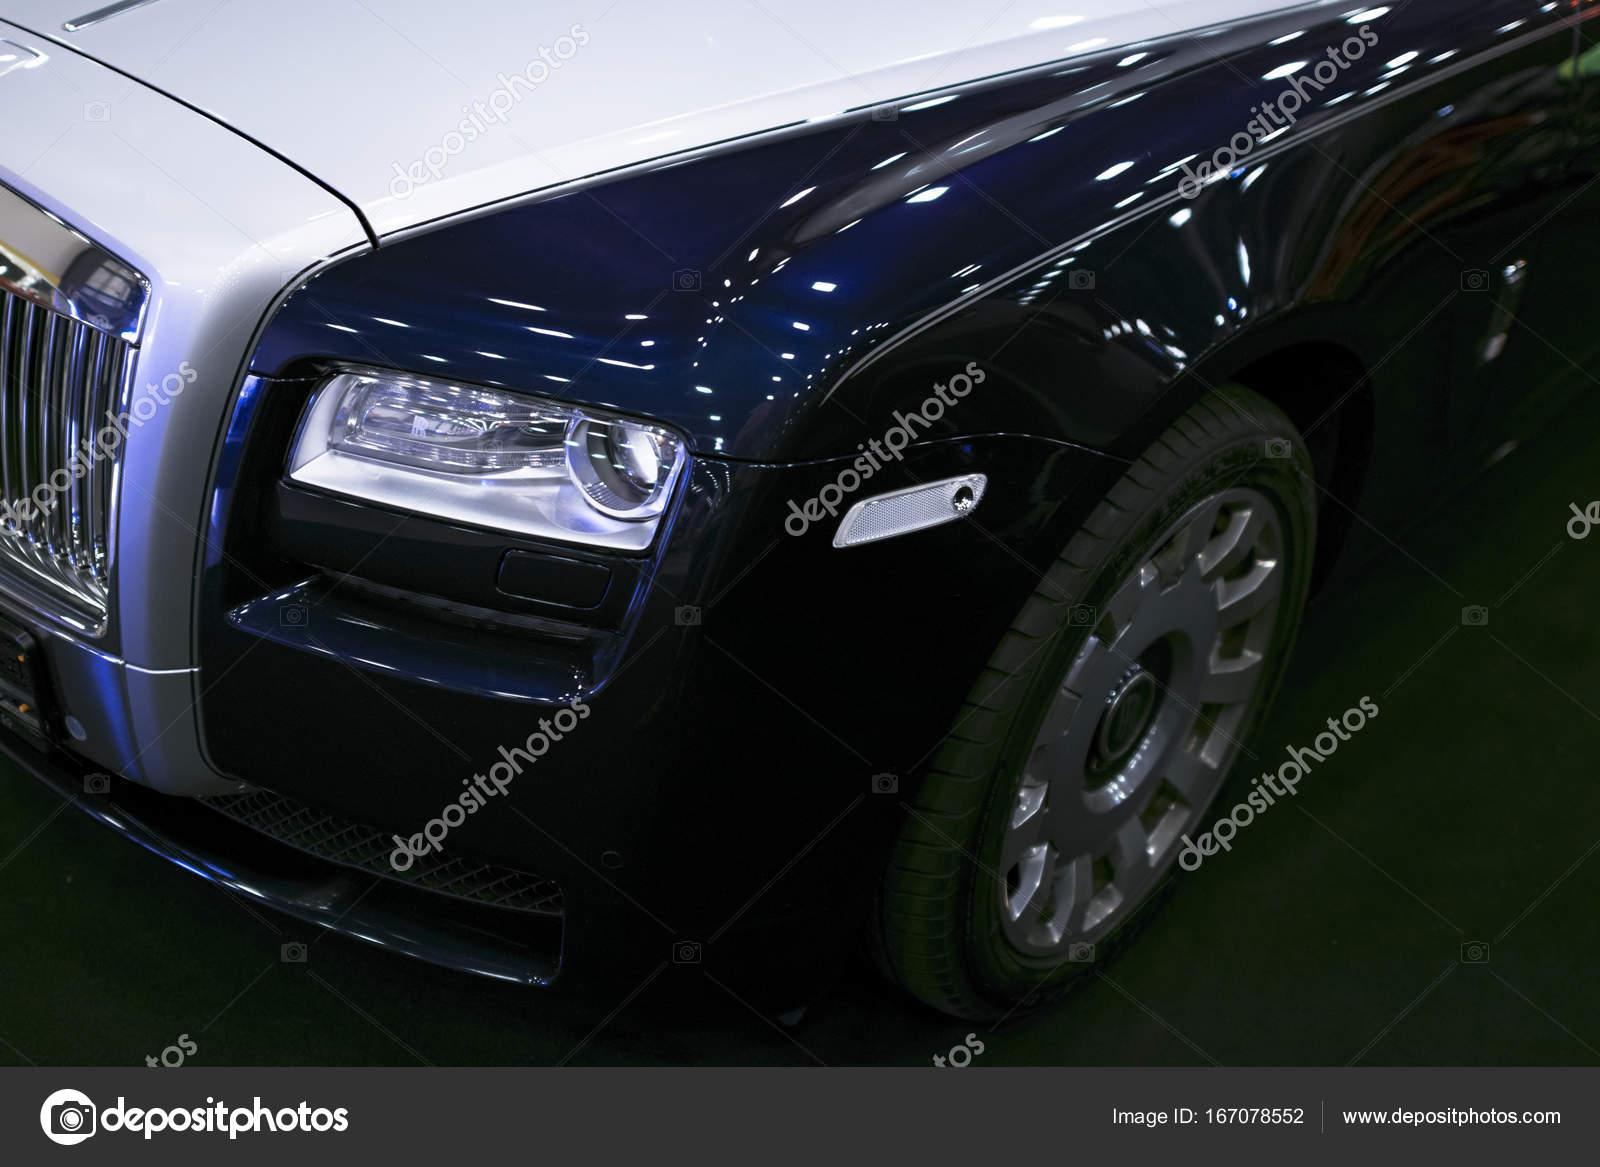 Vorderansicht Eines Luxuswagens Rolls Royce Phantom Rolls Royce